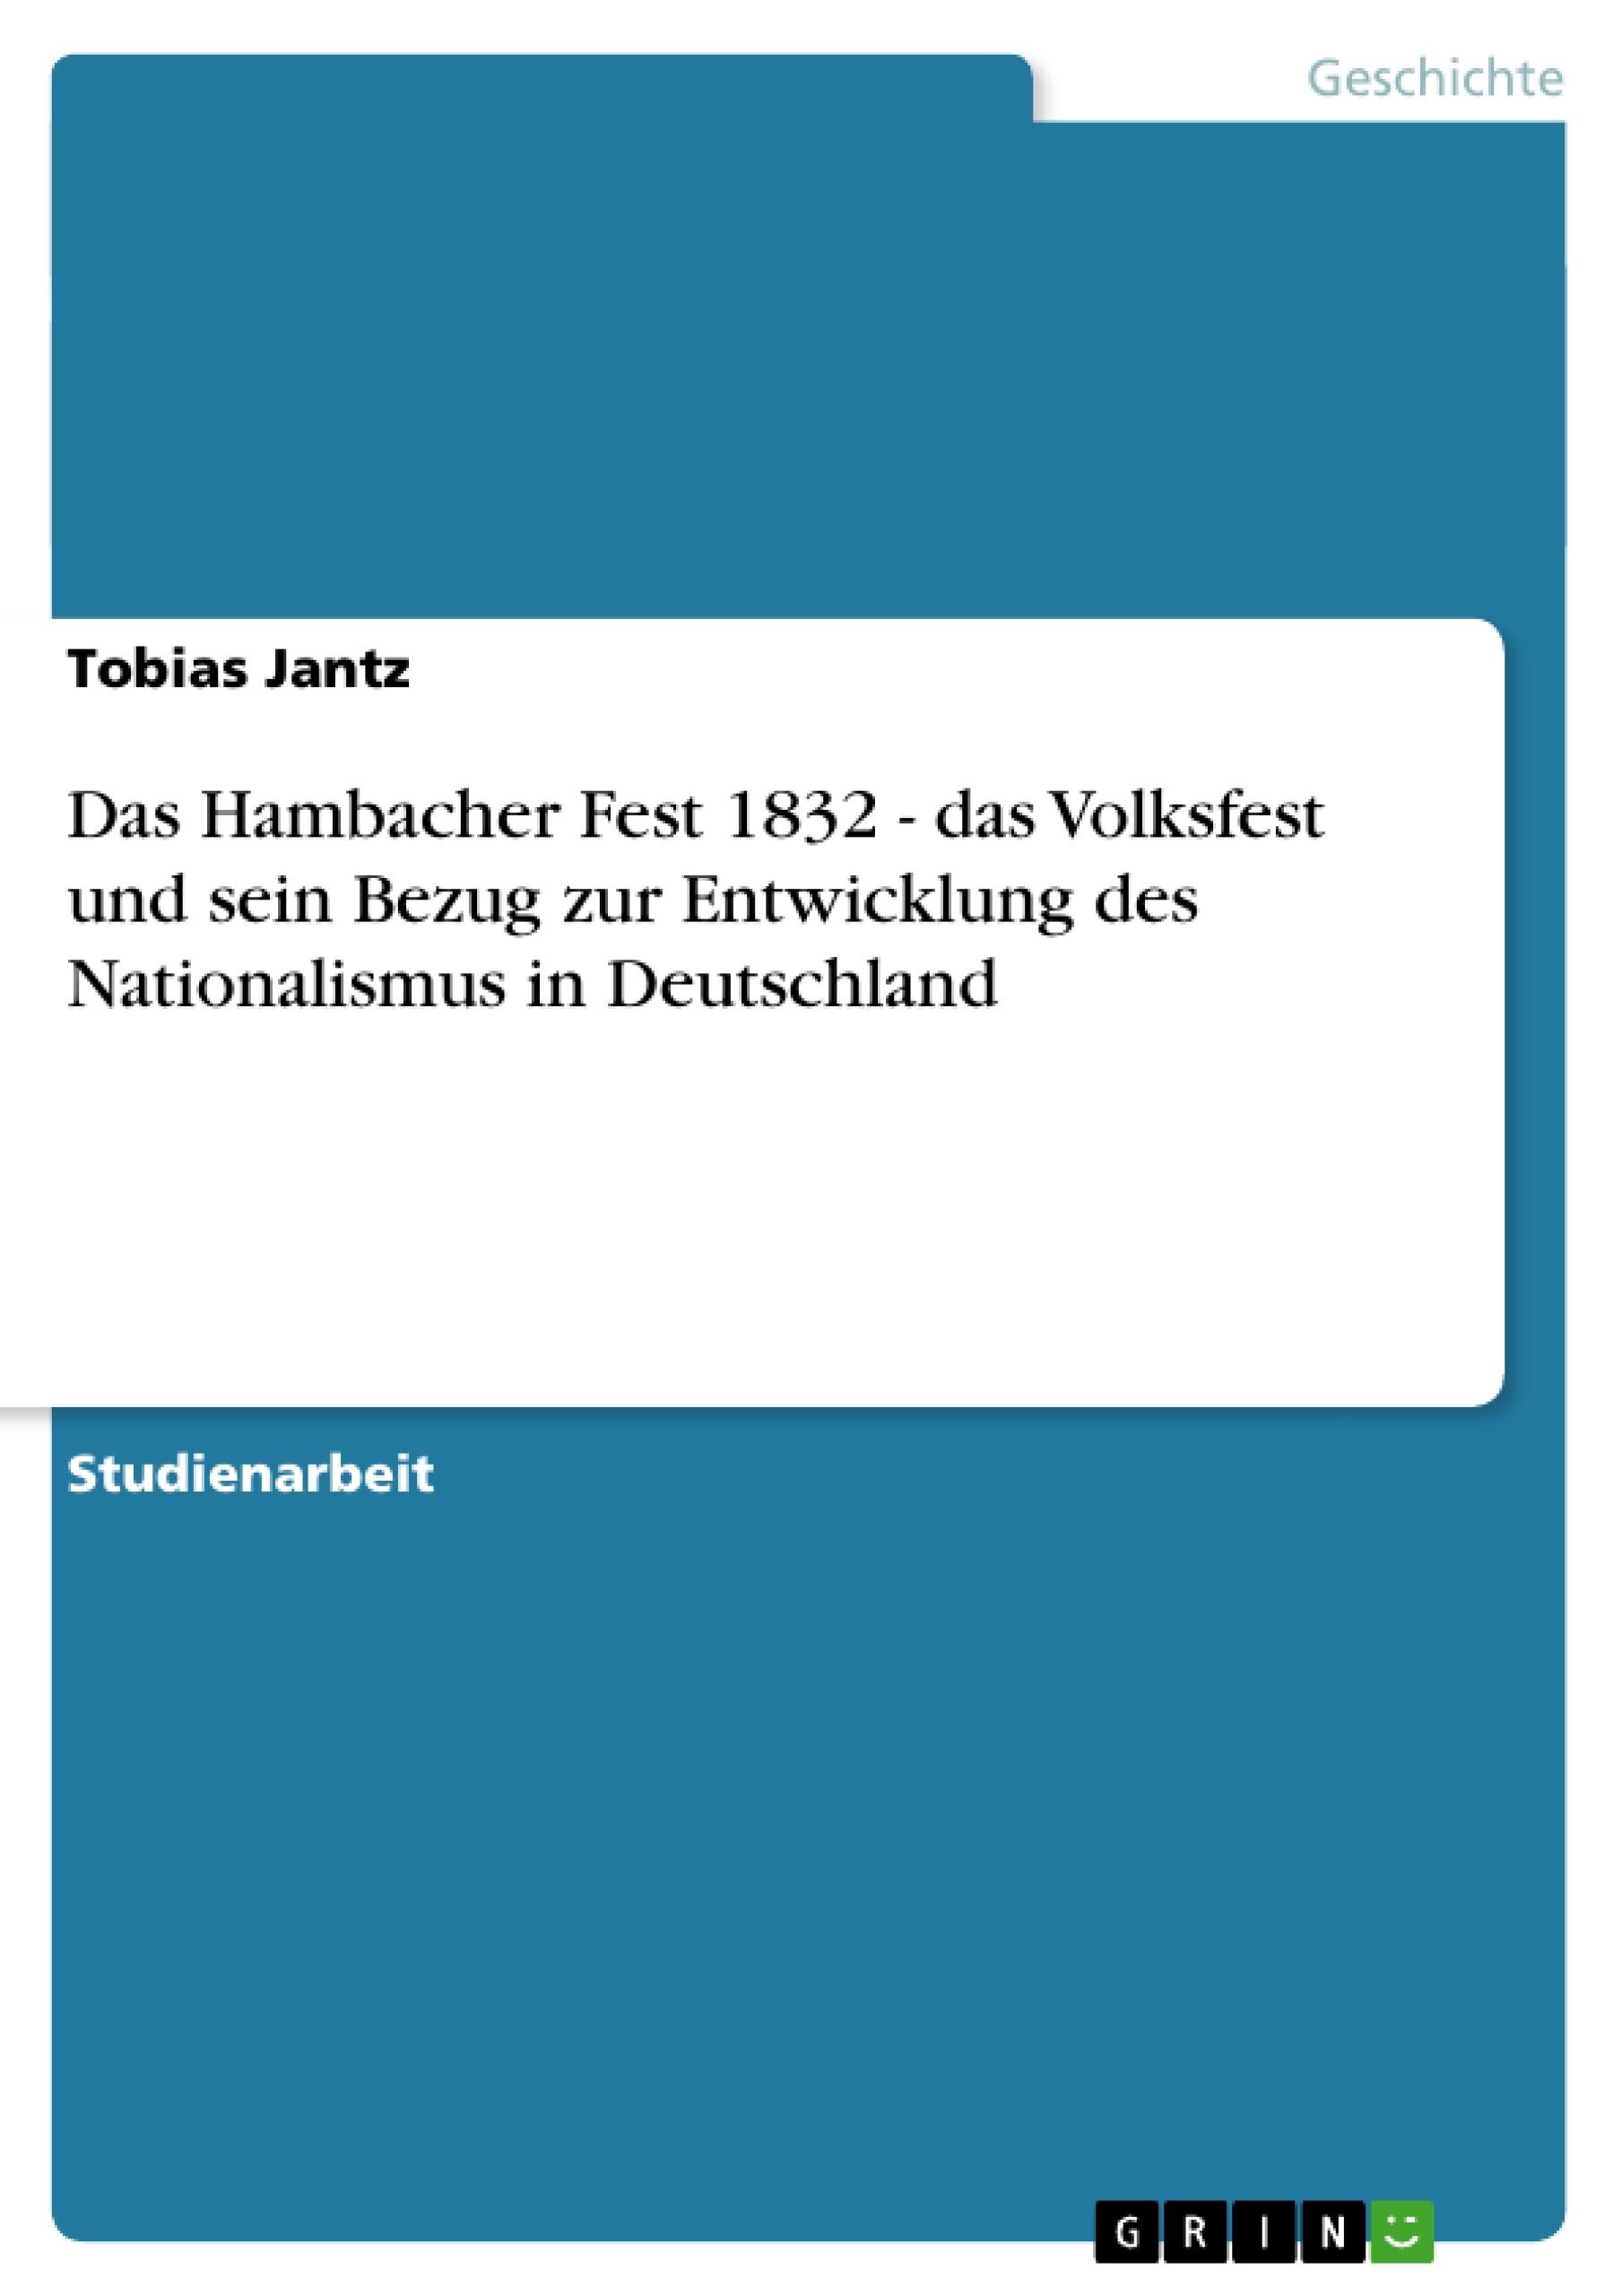 Titel: Das Hambacher Fest 1832 - das Volksfest und sein Bezug zur Entwicklung des Nationalismus in Deutschland